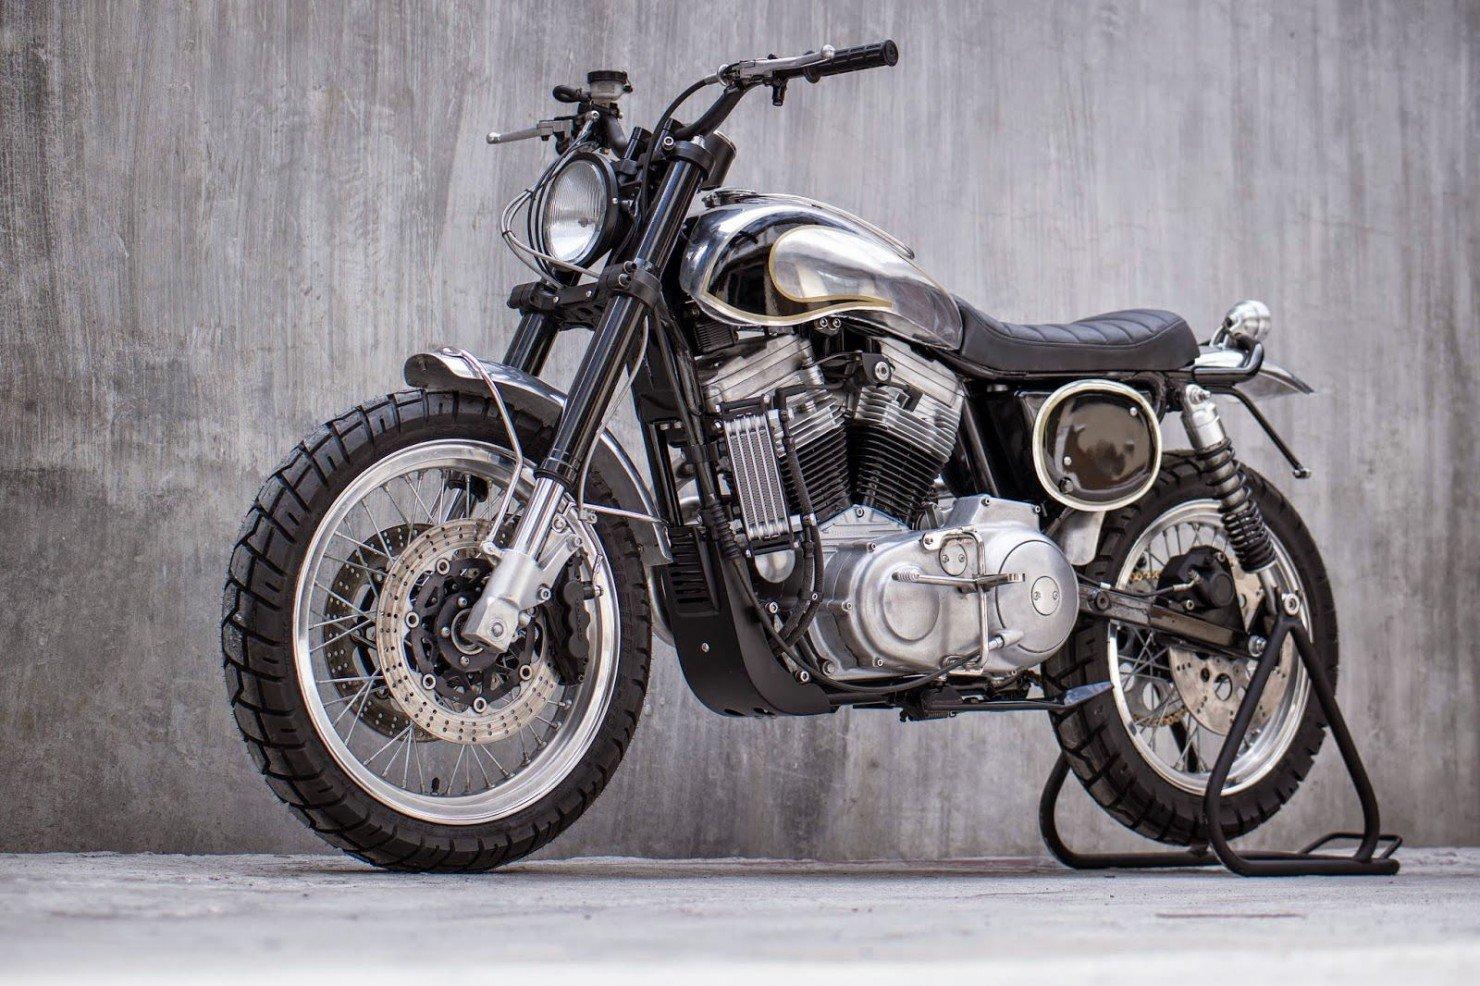 Harley-Davidson-Scrambler-Motorcycle-30